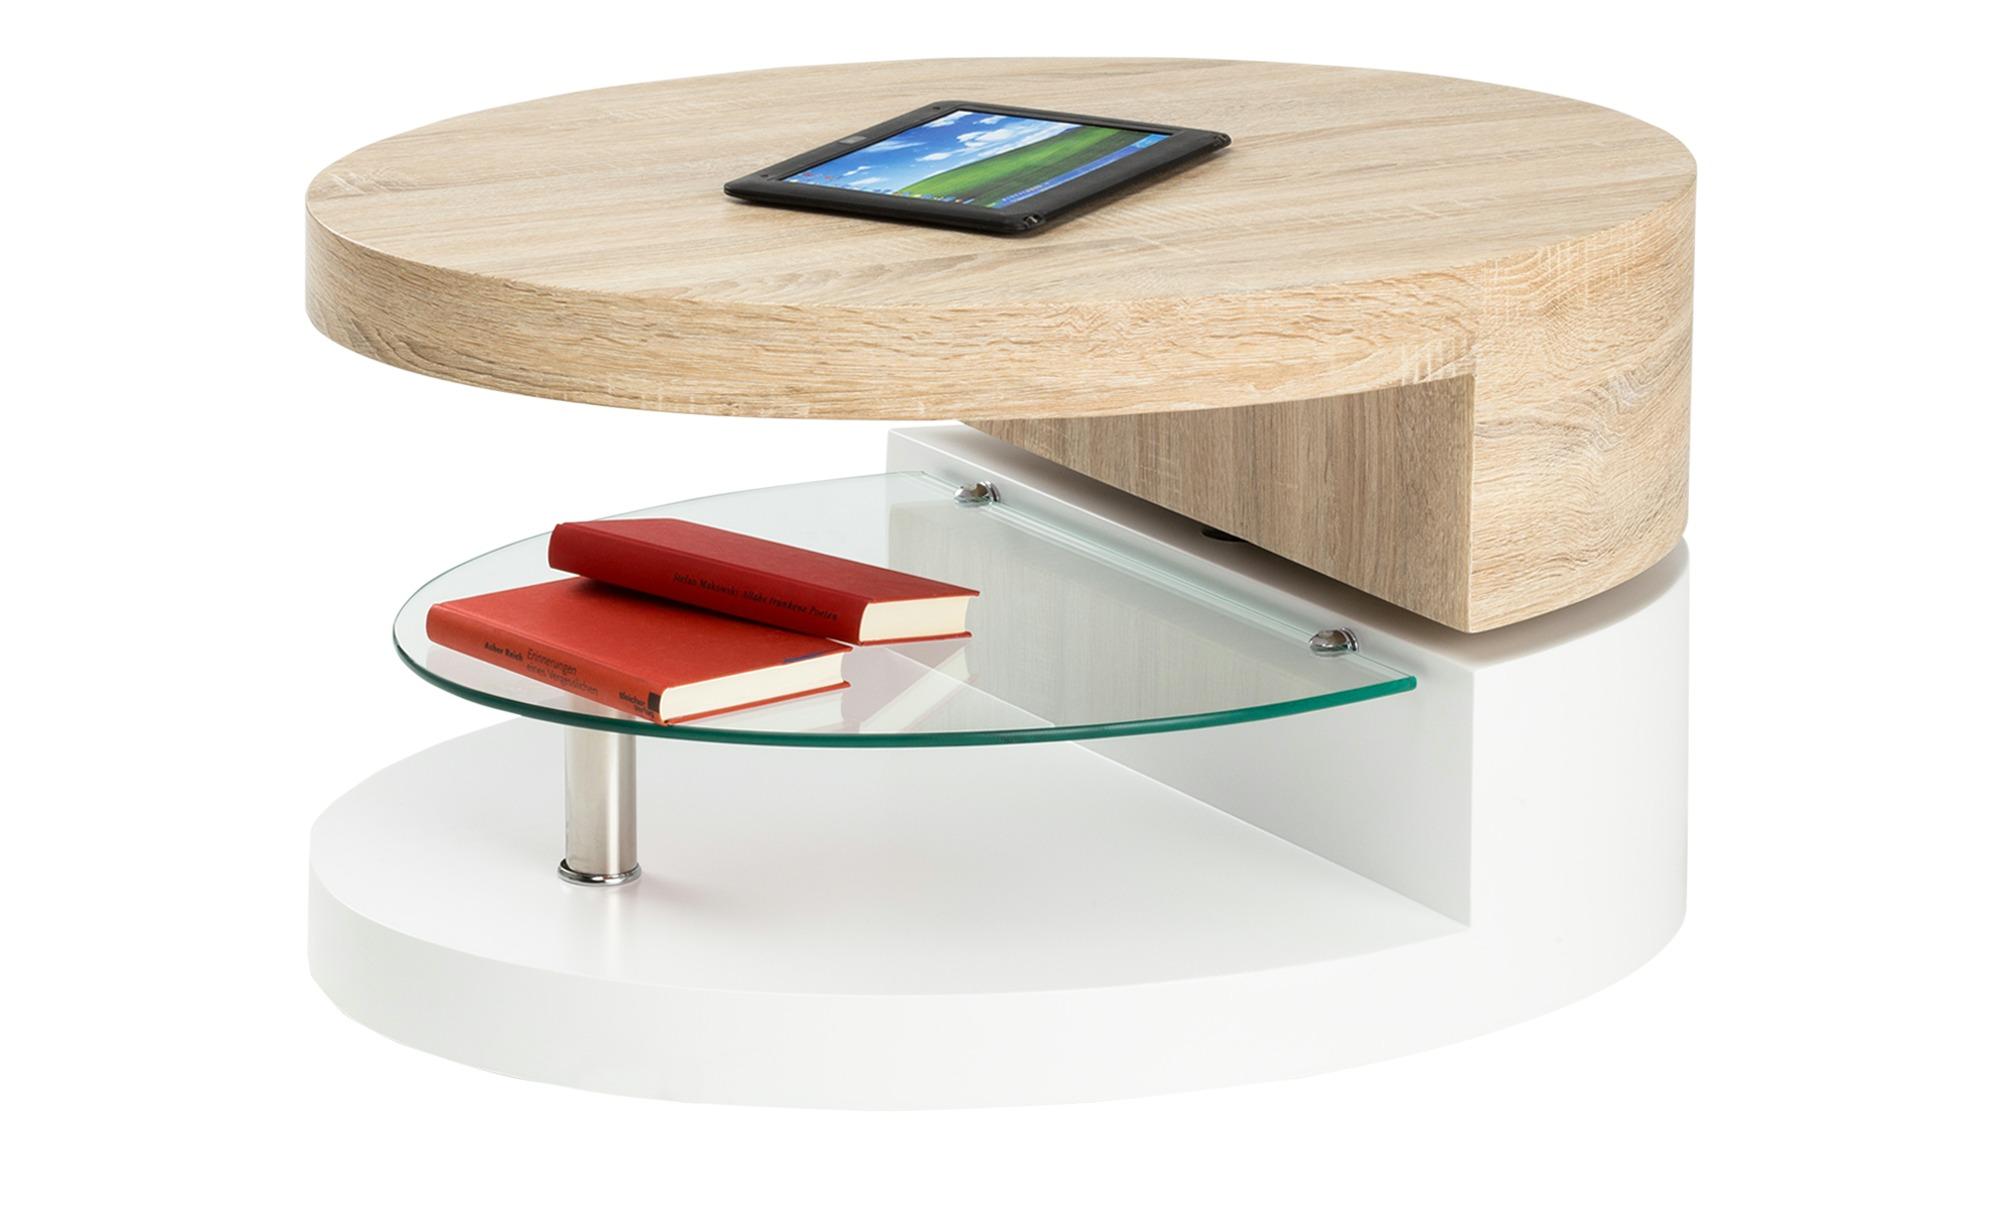 Couchtisch Oval Drehbar Burano Gefunden Bei Möbel Höffner